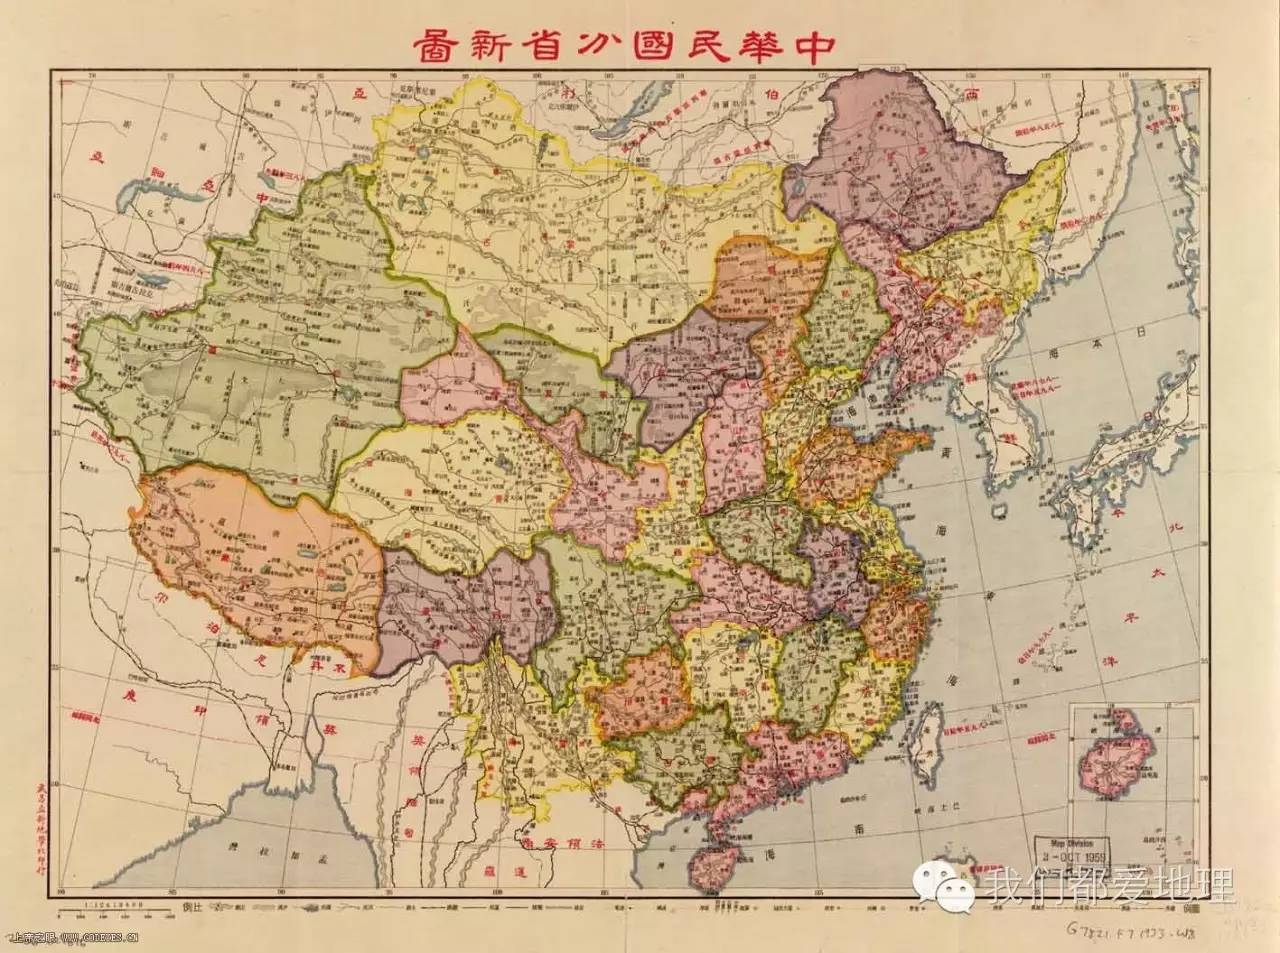 在二十三路之外,还有中央政府直接管辖的府,如北宋京师所在开封府.图片